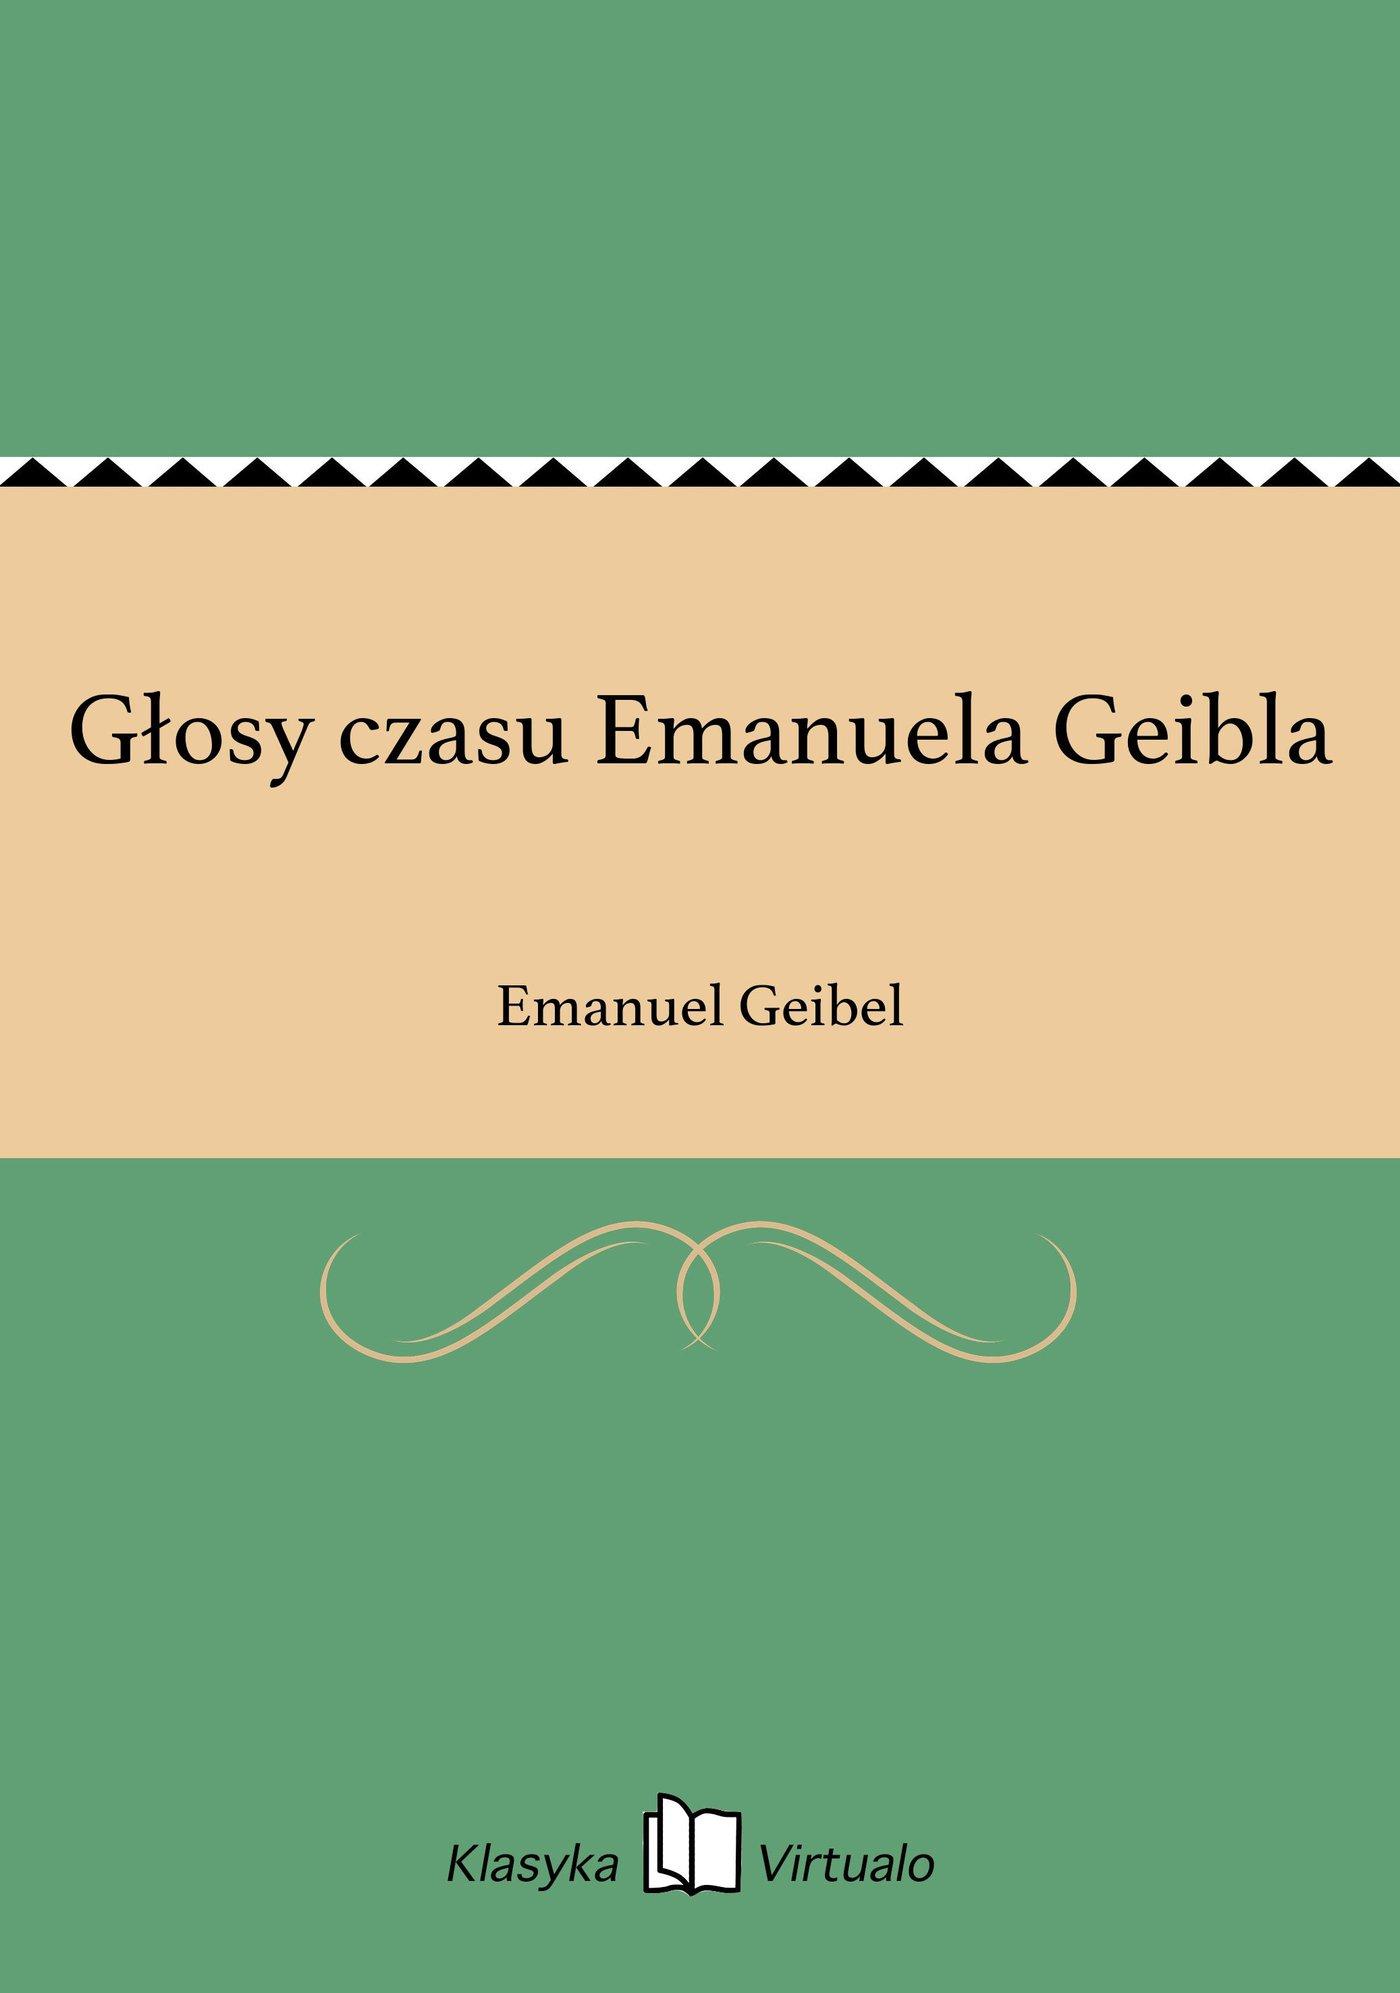 Głosy czasu Emanuela Geibla - Ebook (Książka na Kindle) do pobrania w formacie MOBI